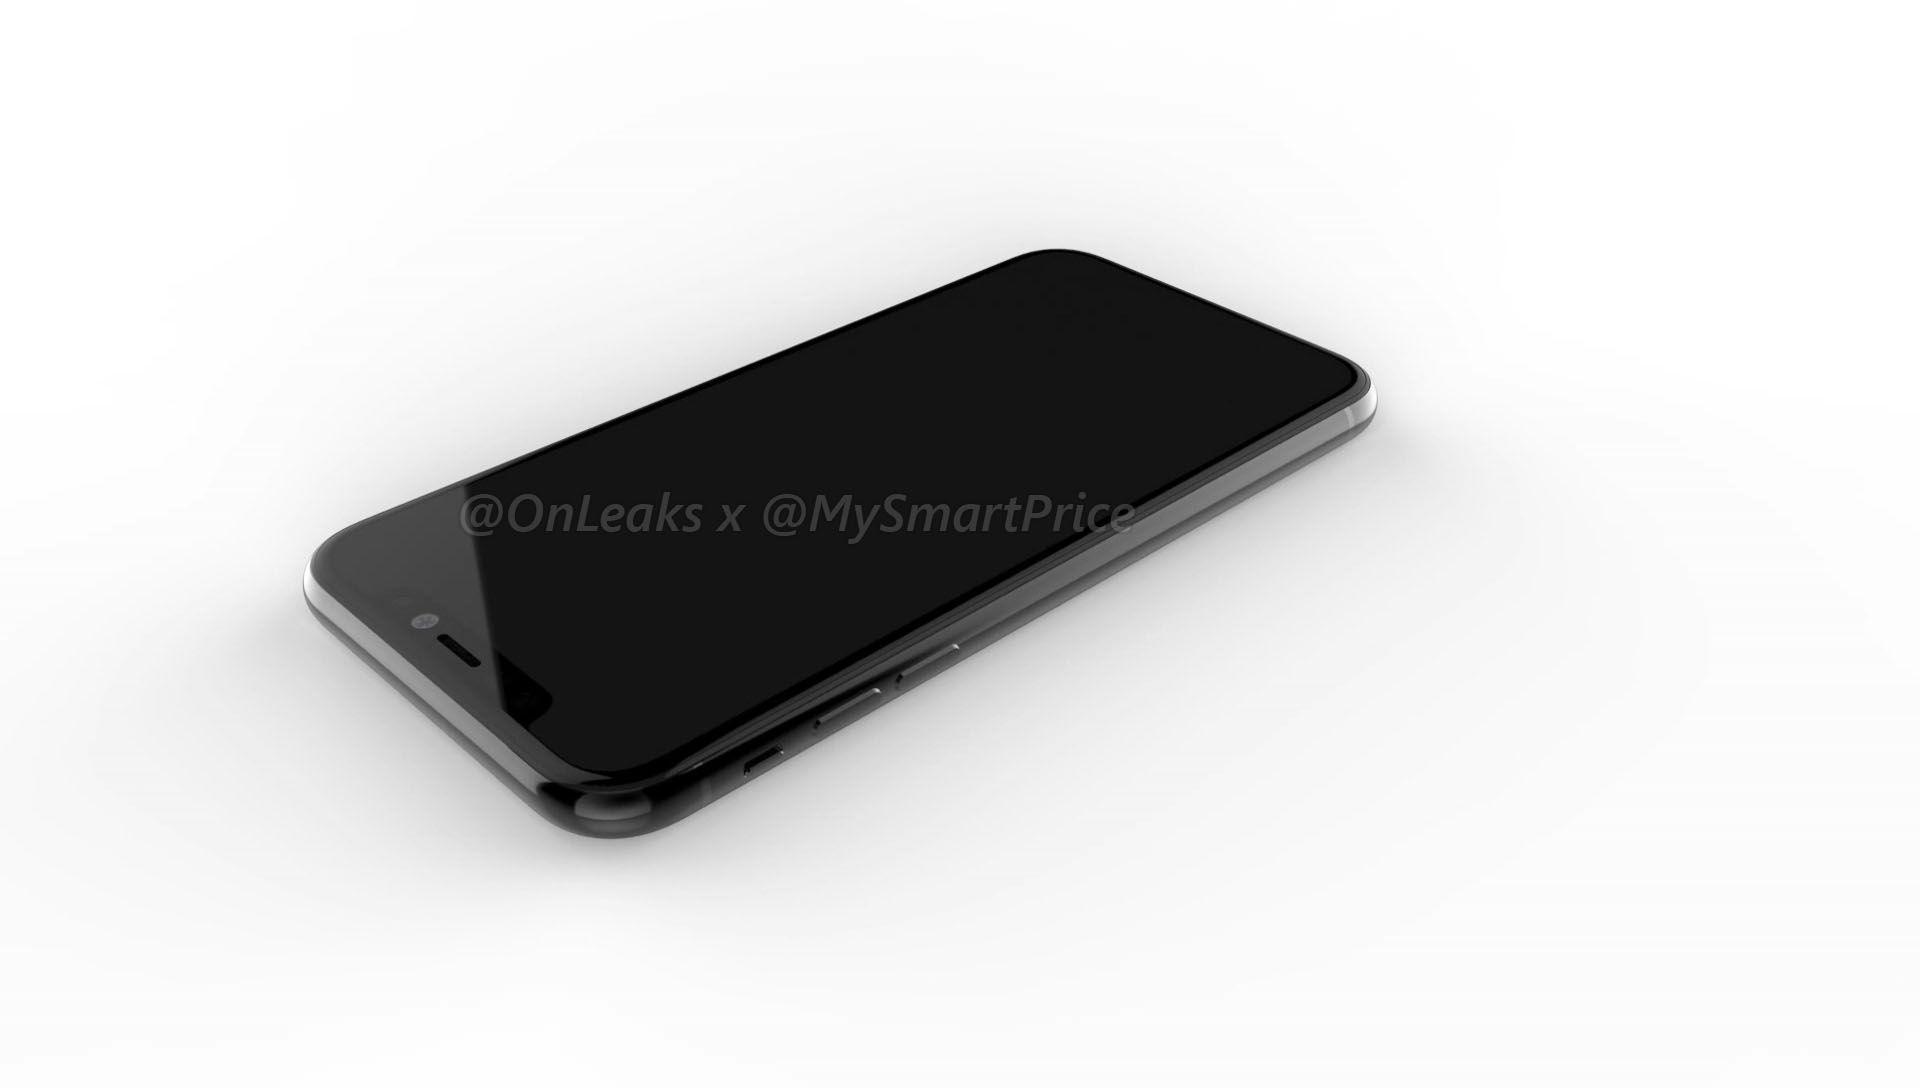 Nuove immagini dell' iPhone 8S, schermo LCD da 6.1 pollici